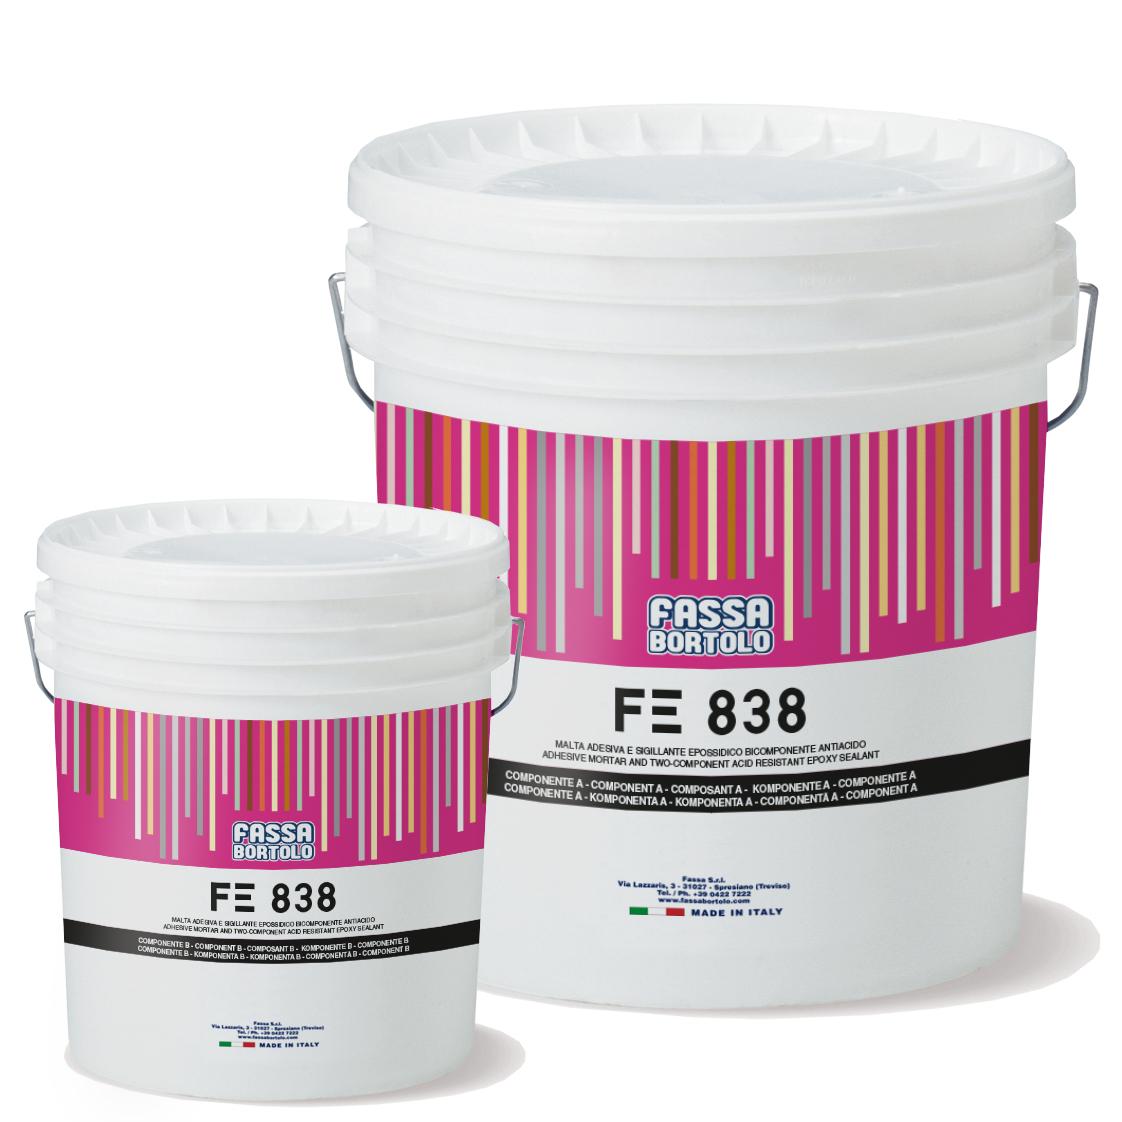 FE 838: Cola e betume epóxi, bi-componente, resistência aos ácidos para juntas superiores a 3 mm, para interior e exterior